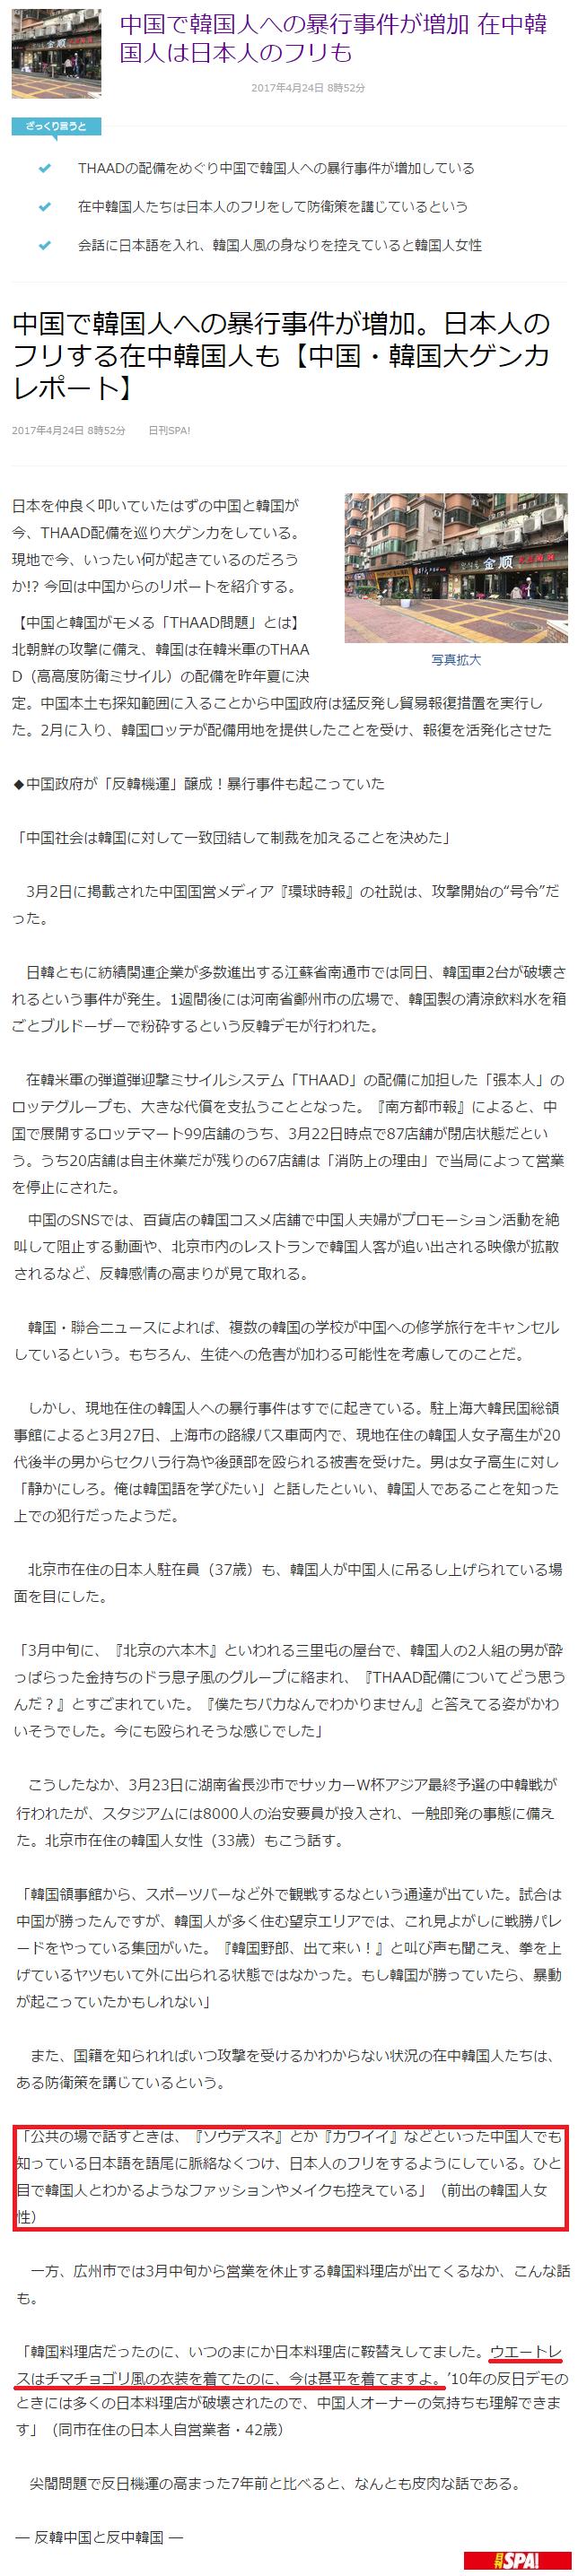 チョン「シナでは日本人のフリをする」